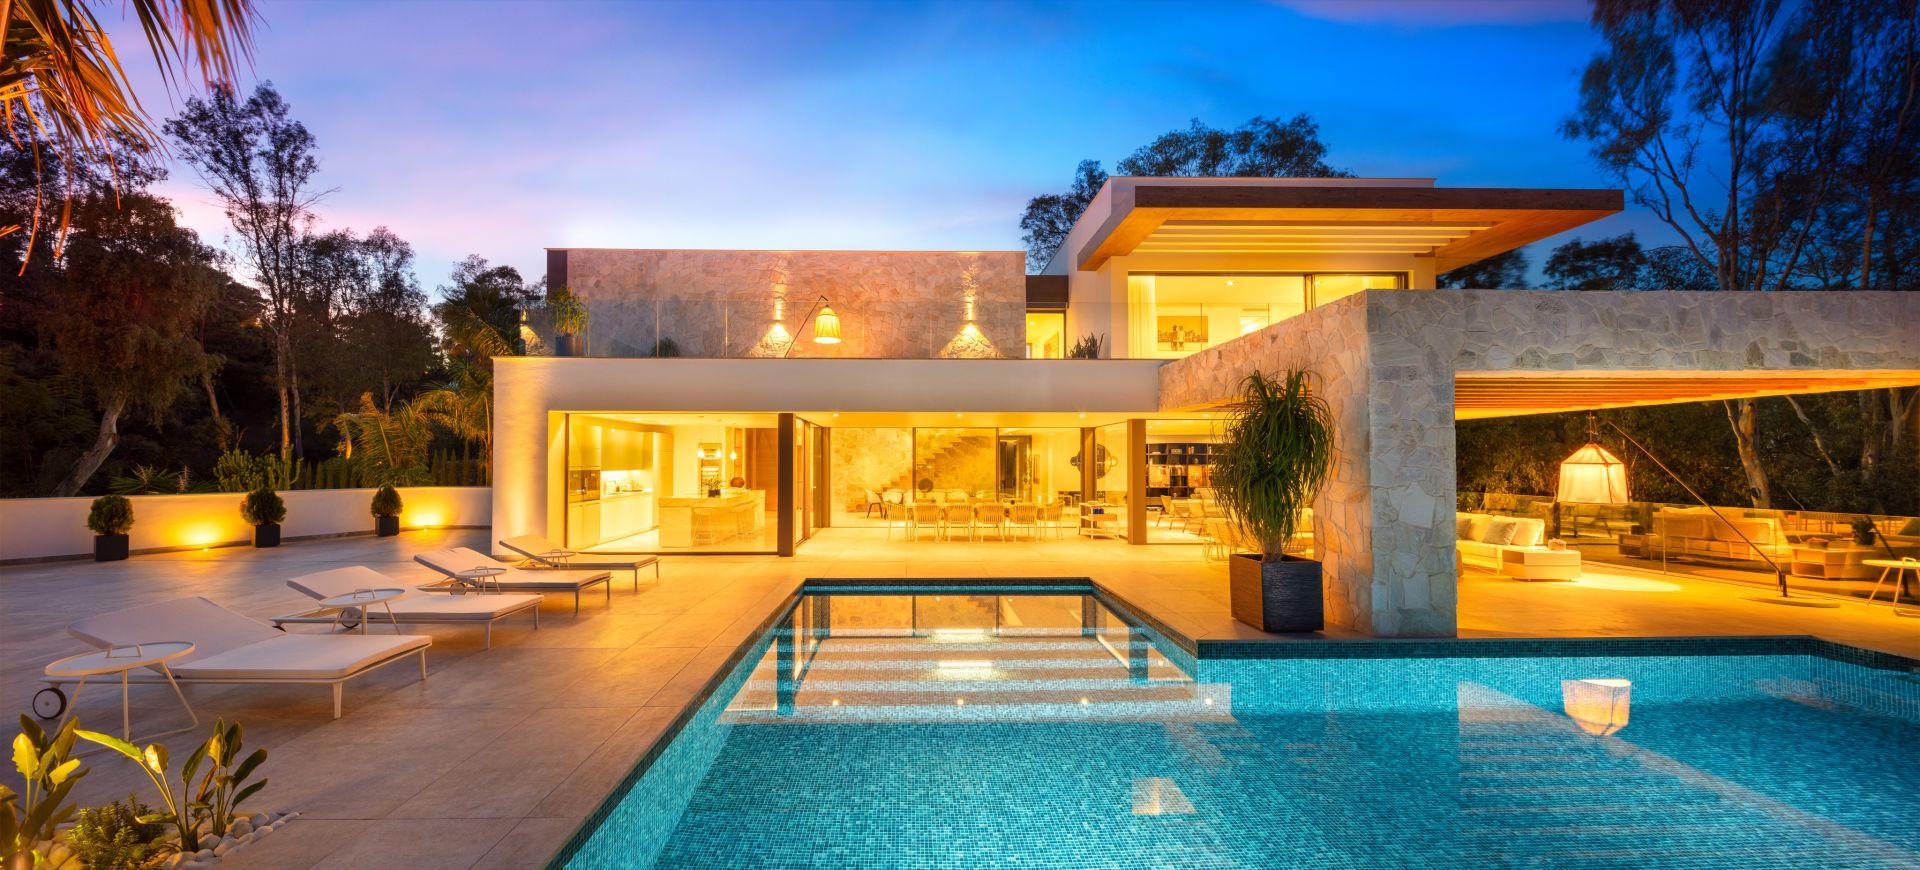 Villa for sale in El Herrojo, Benahavis